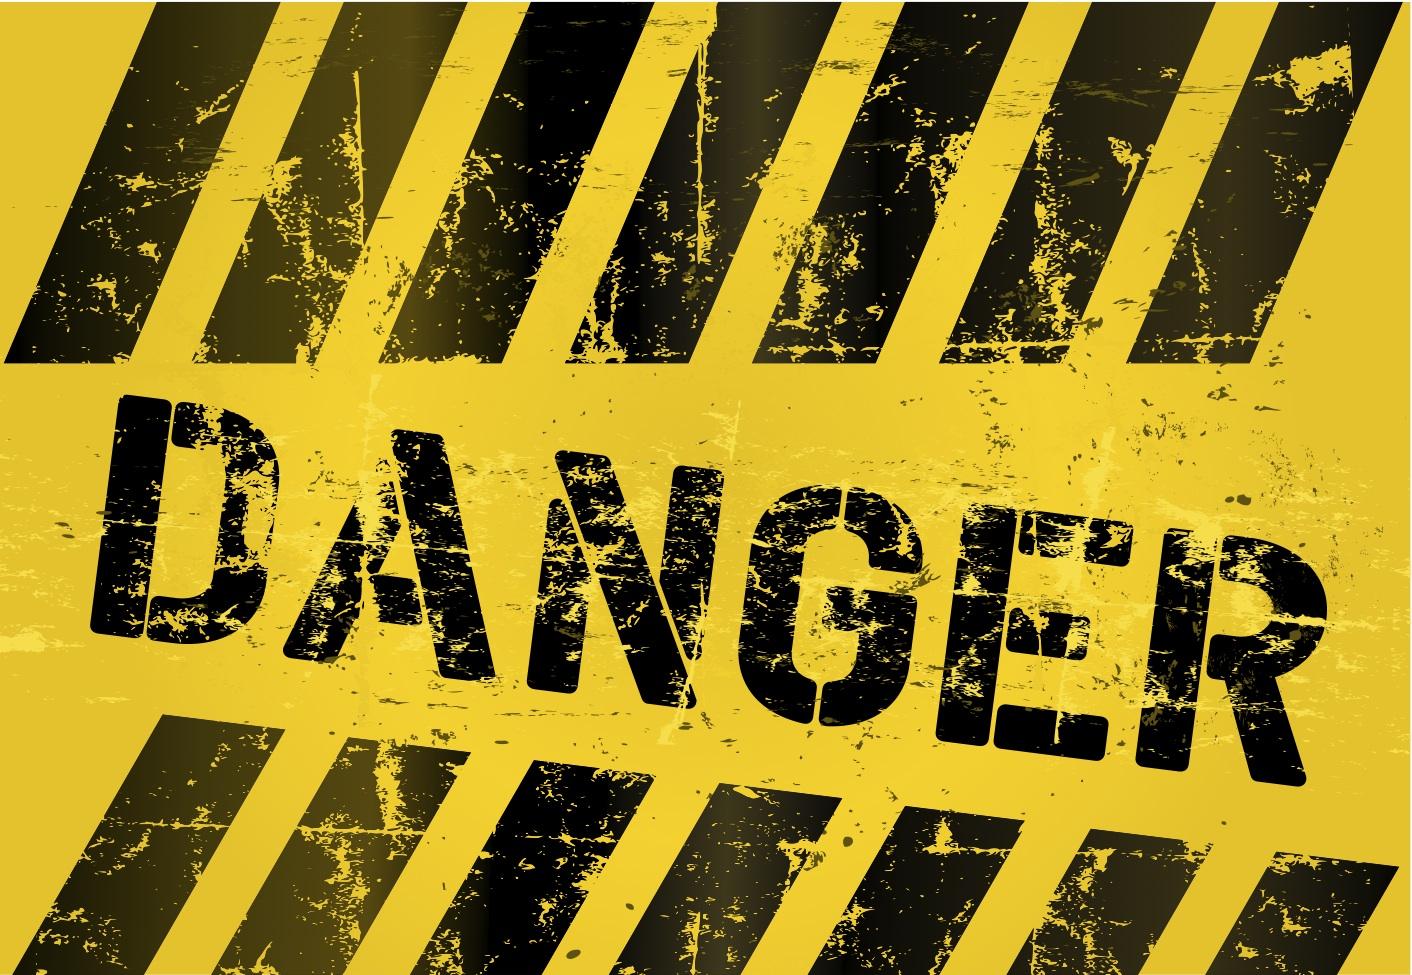 Опасность миновала: «Аркаду» лишили права на обслуживание школ и детсадов Красносельского района